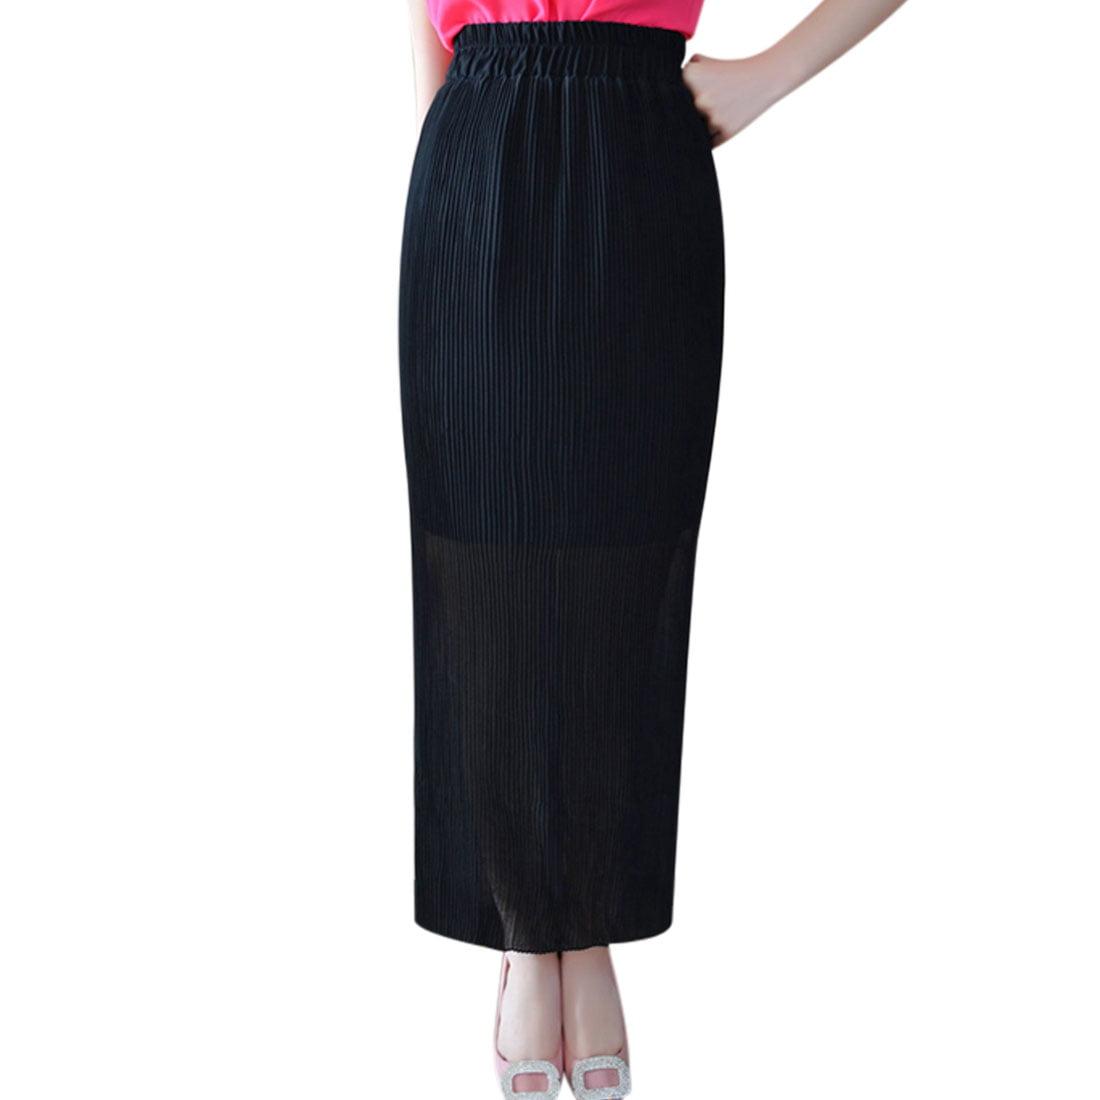 slim fit elastic waist half lined chiffon pleated